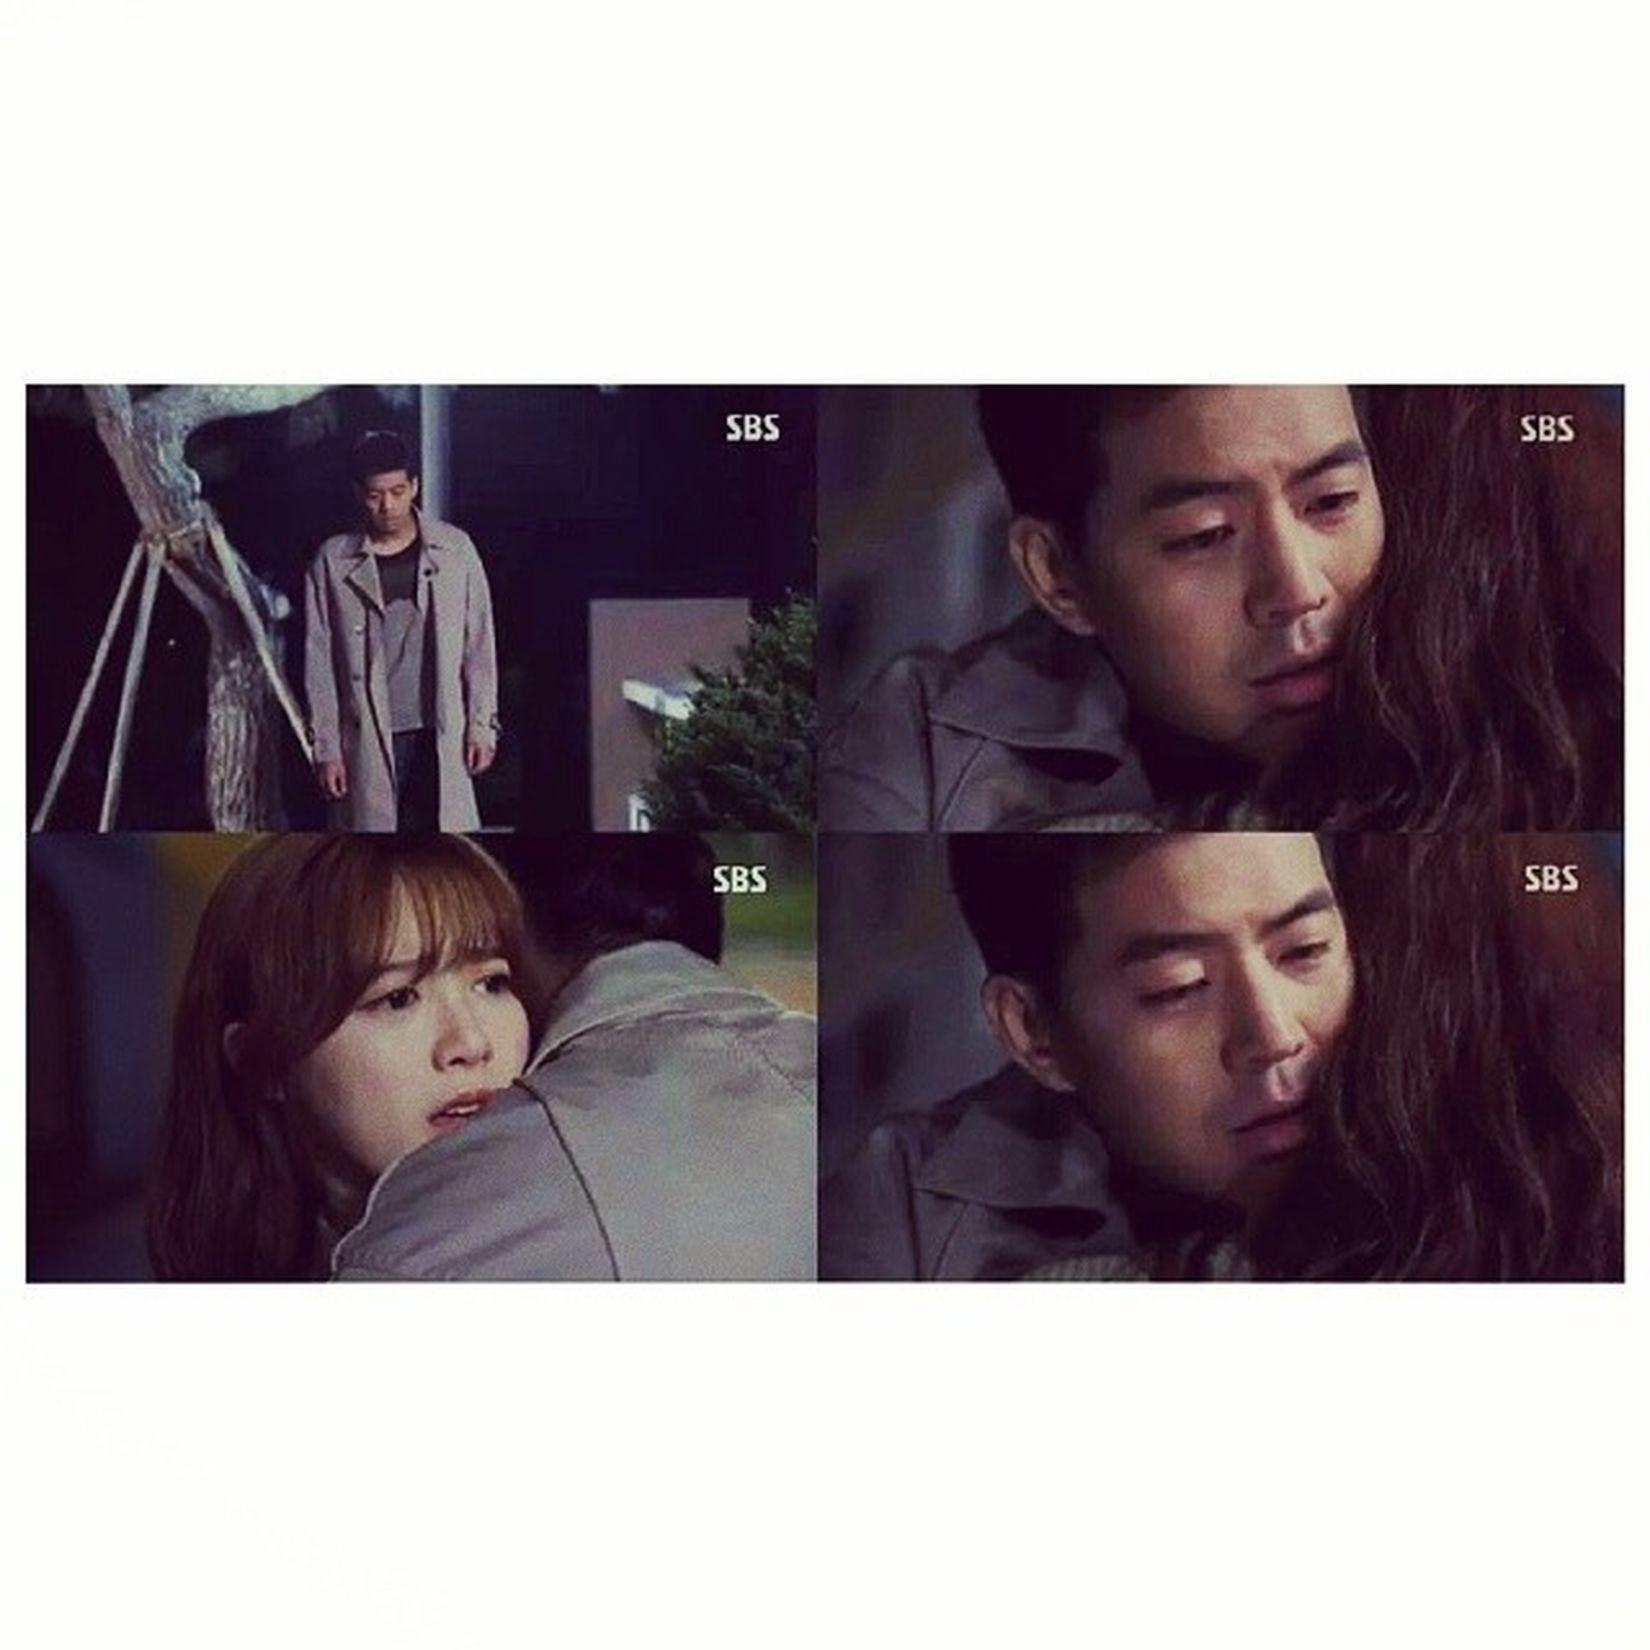 Mau có ep 13 đi \m/ phim hay ds, mỗi tội phim gì mà diễn viên khóc miết, coi xong mình ngồi khóc ngon ơ theo phim :))) Drama Angeleyes Ep12 Goohyesun leesangyoon